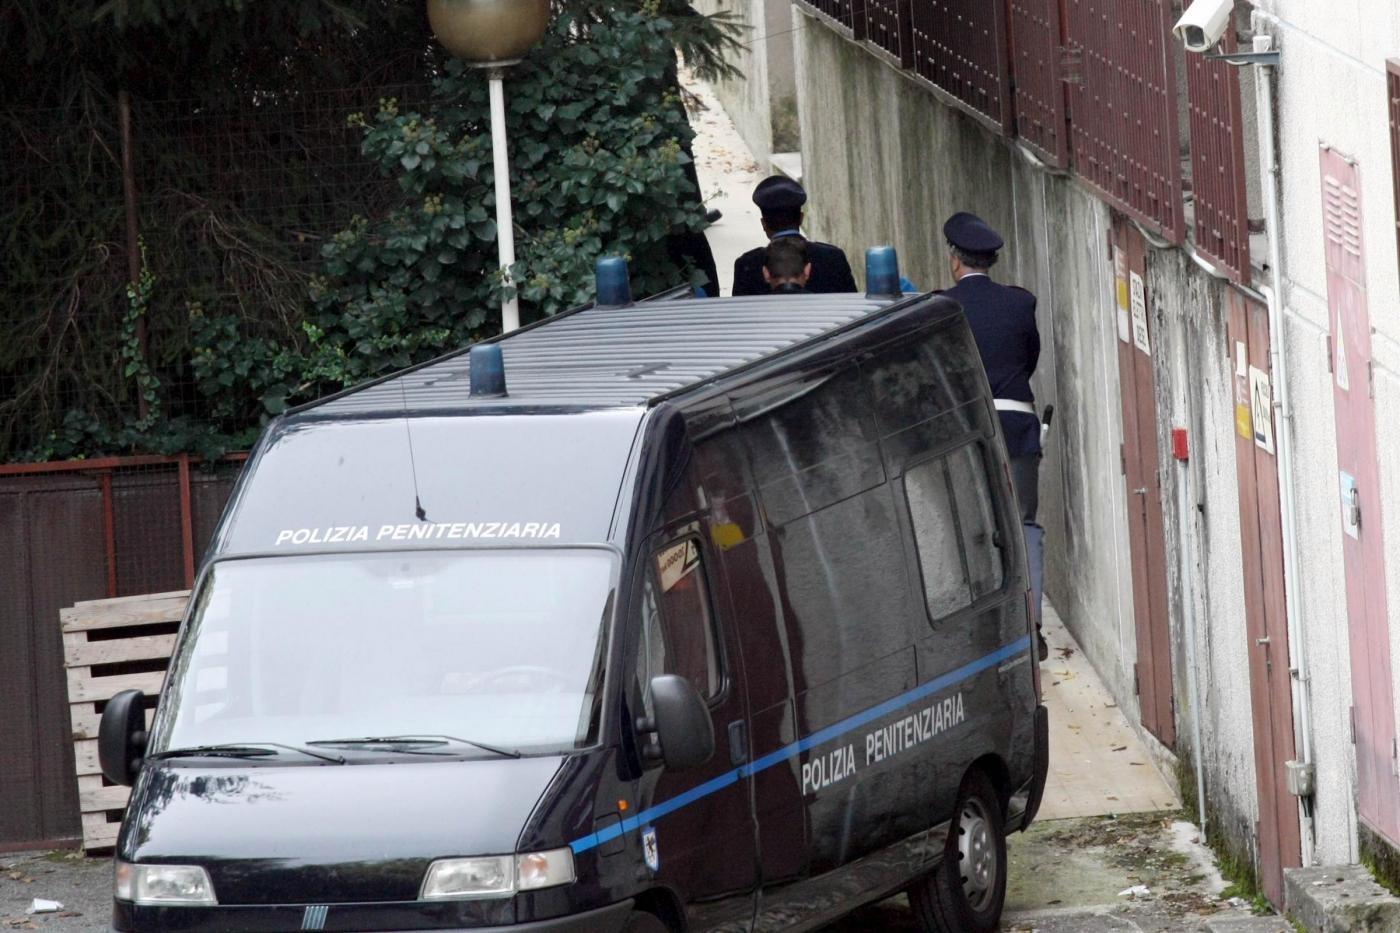 Cuneo, lancio di bombolette di gas e coperte incendiate: tentativo di rivolta in carcere